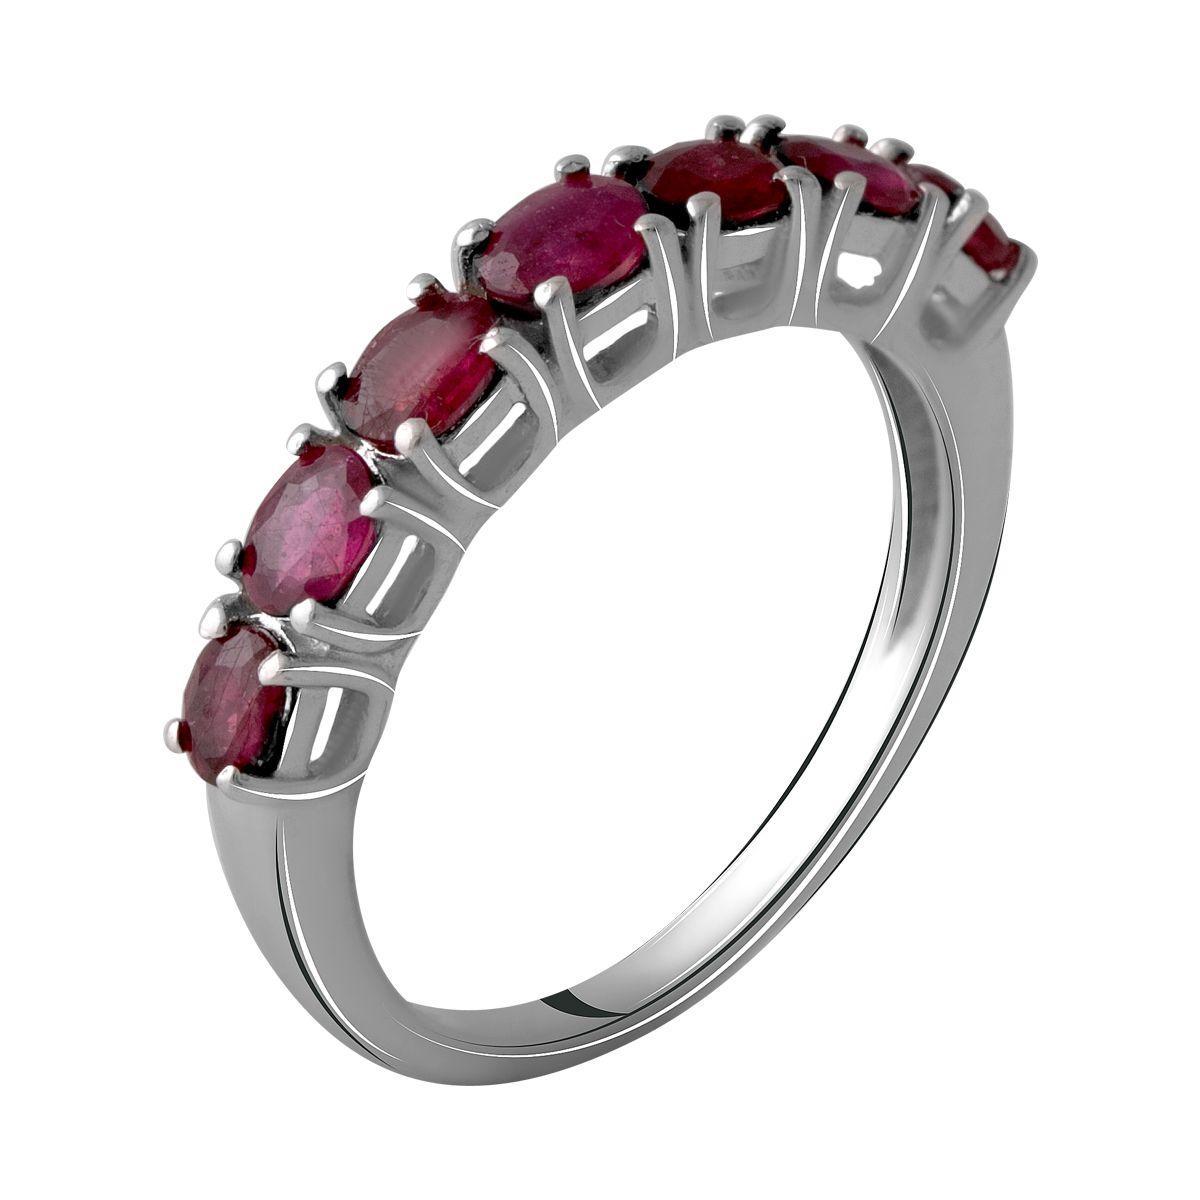 Серебряное кольцо pSilverAlex с натуральным рубином 1.6ct (2060017) 18.5 размер